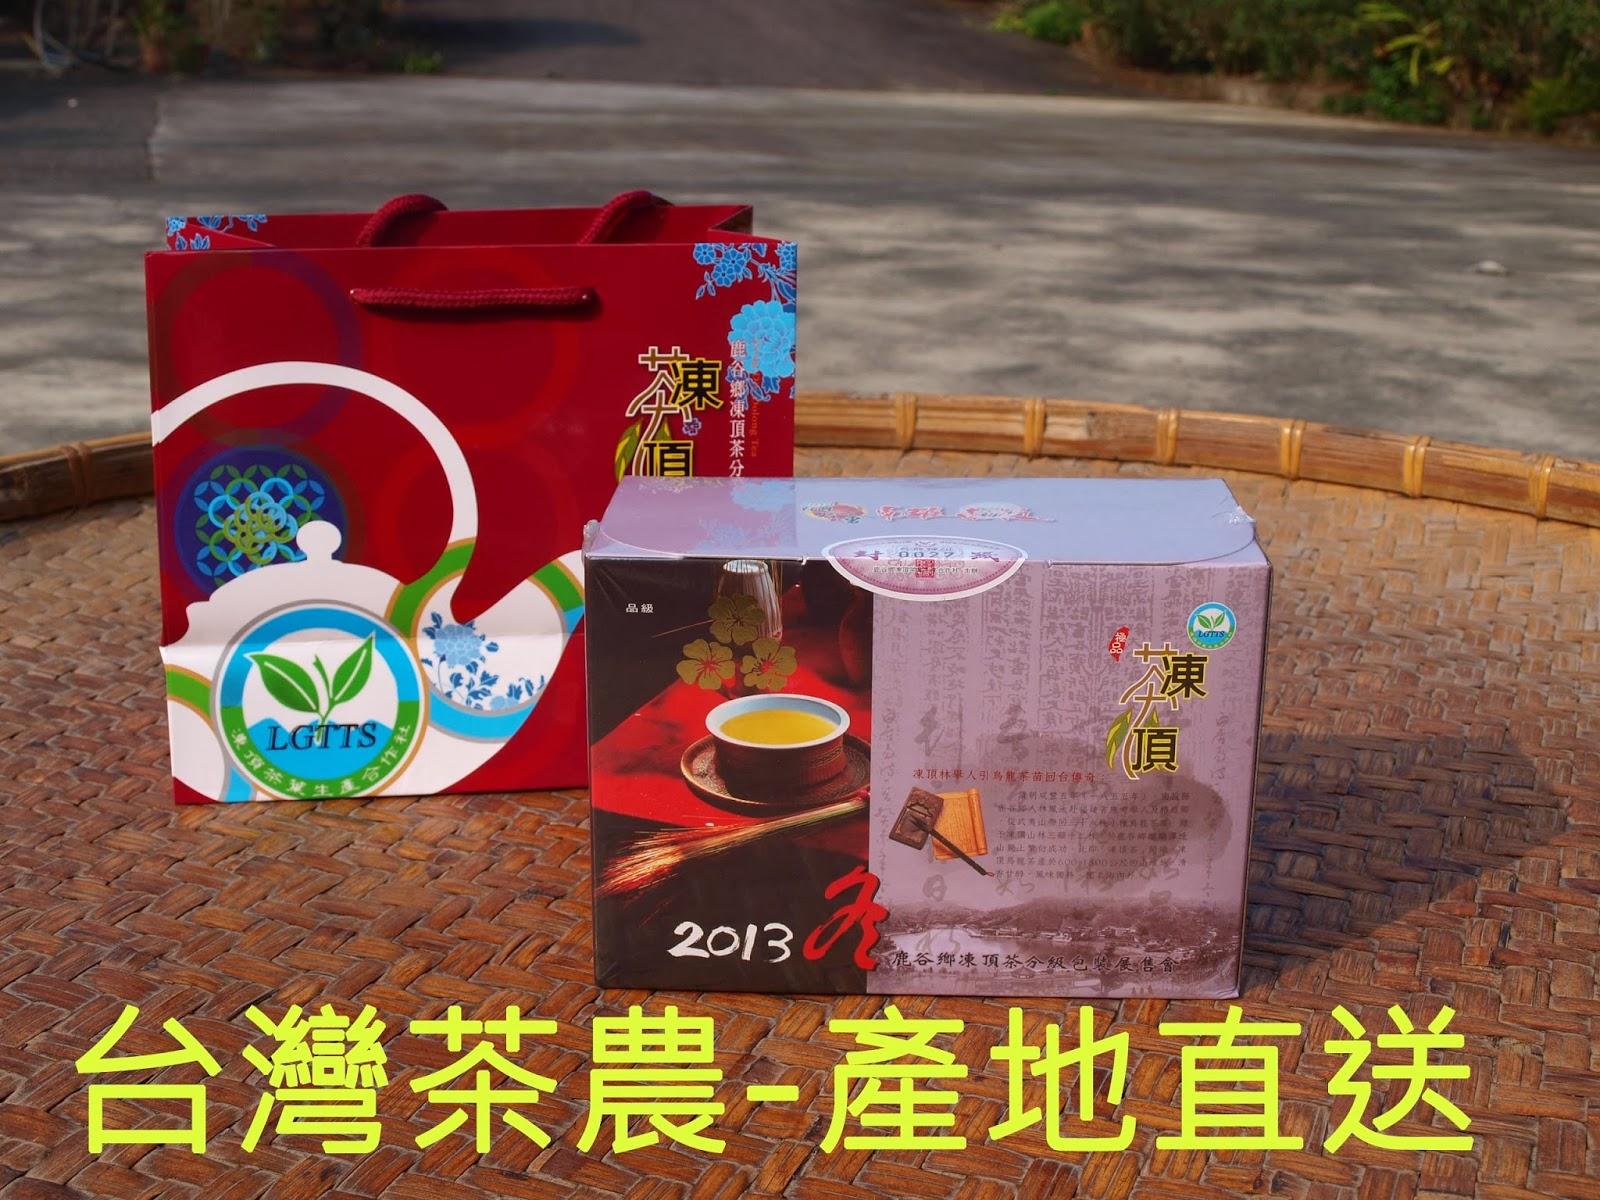 凍頂合作社比賽茶 三朵梅